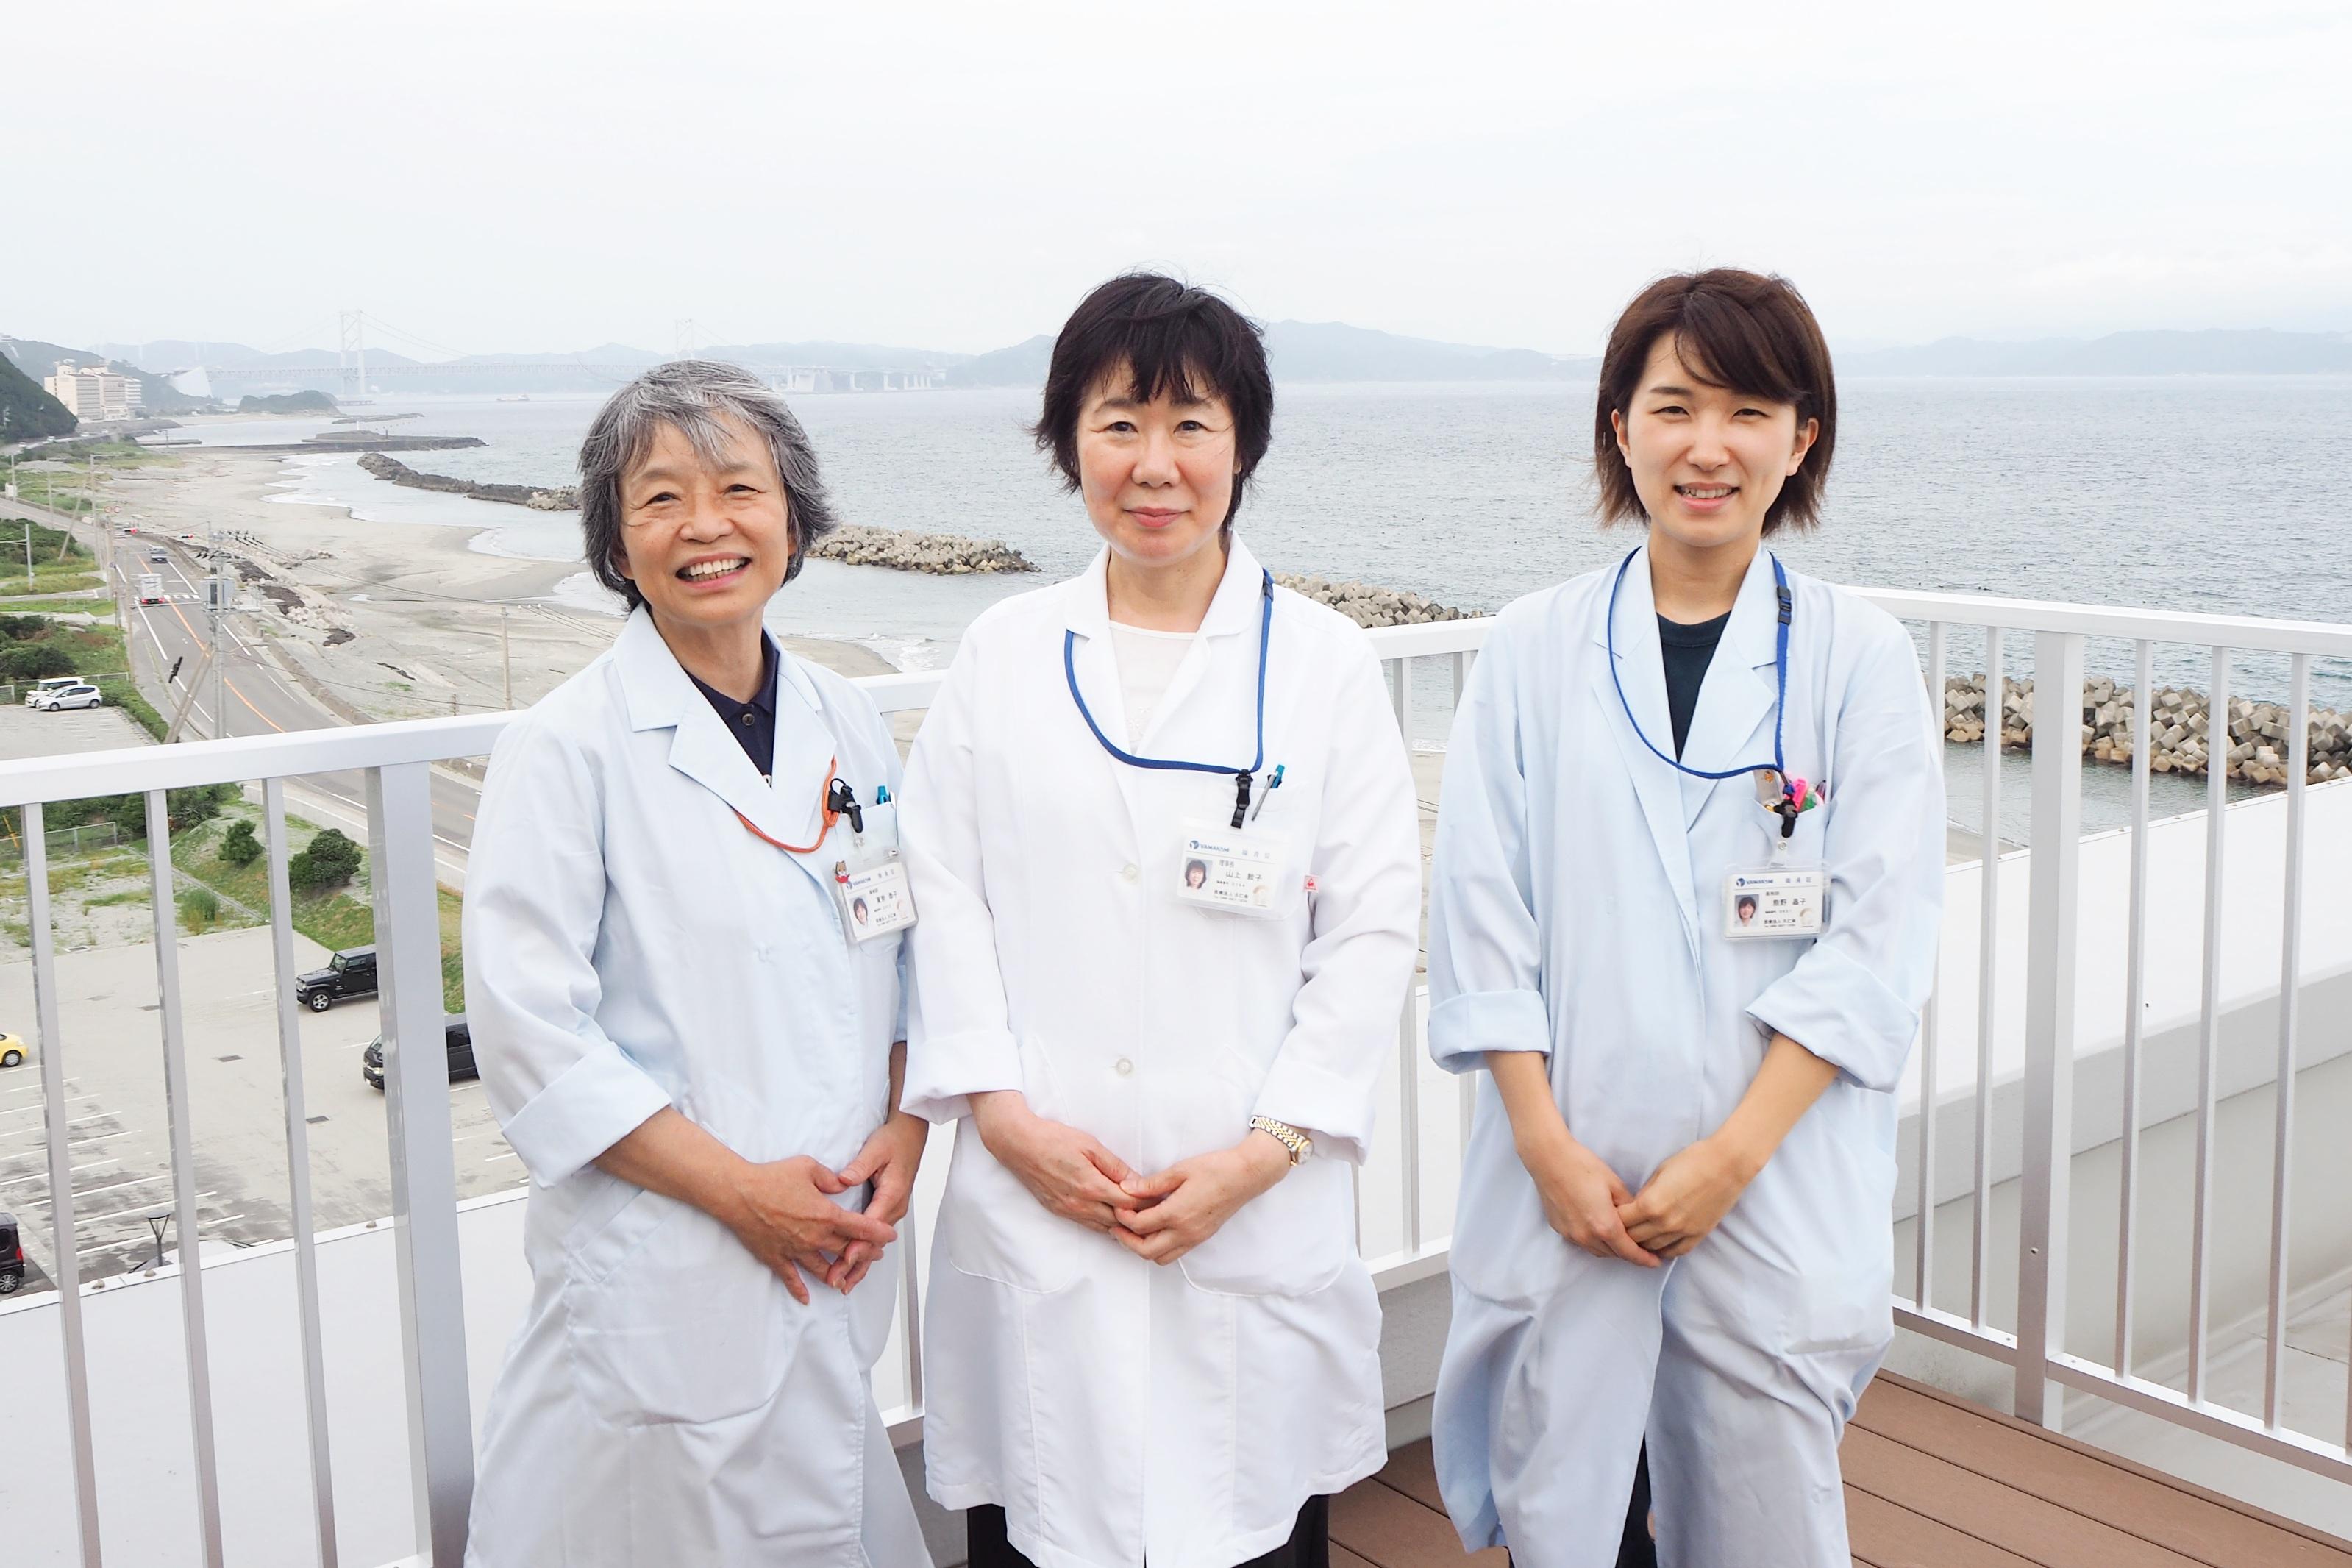 「鳴門が大好き」だから地域を元気にしたい――鳴門山上病院のあゆみ